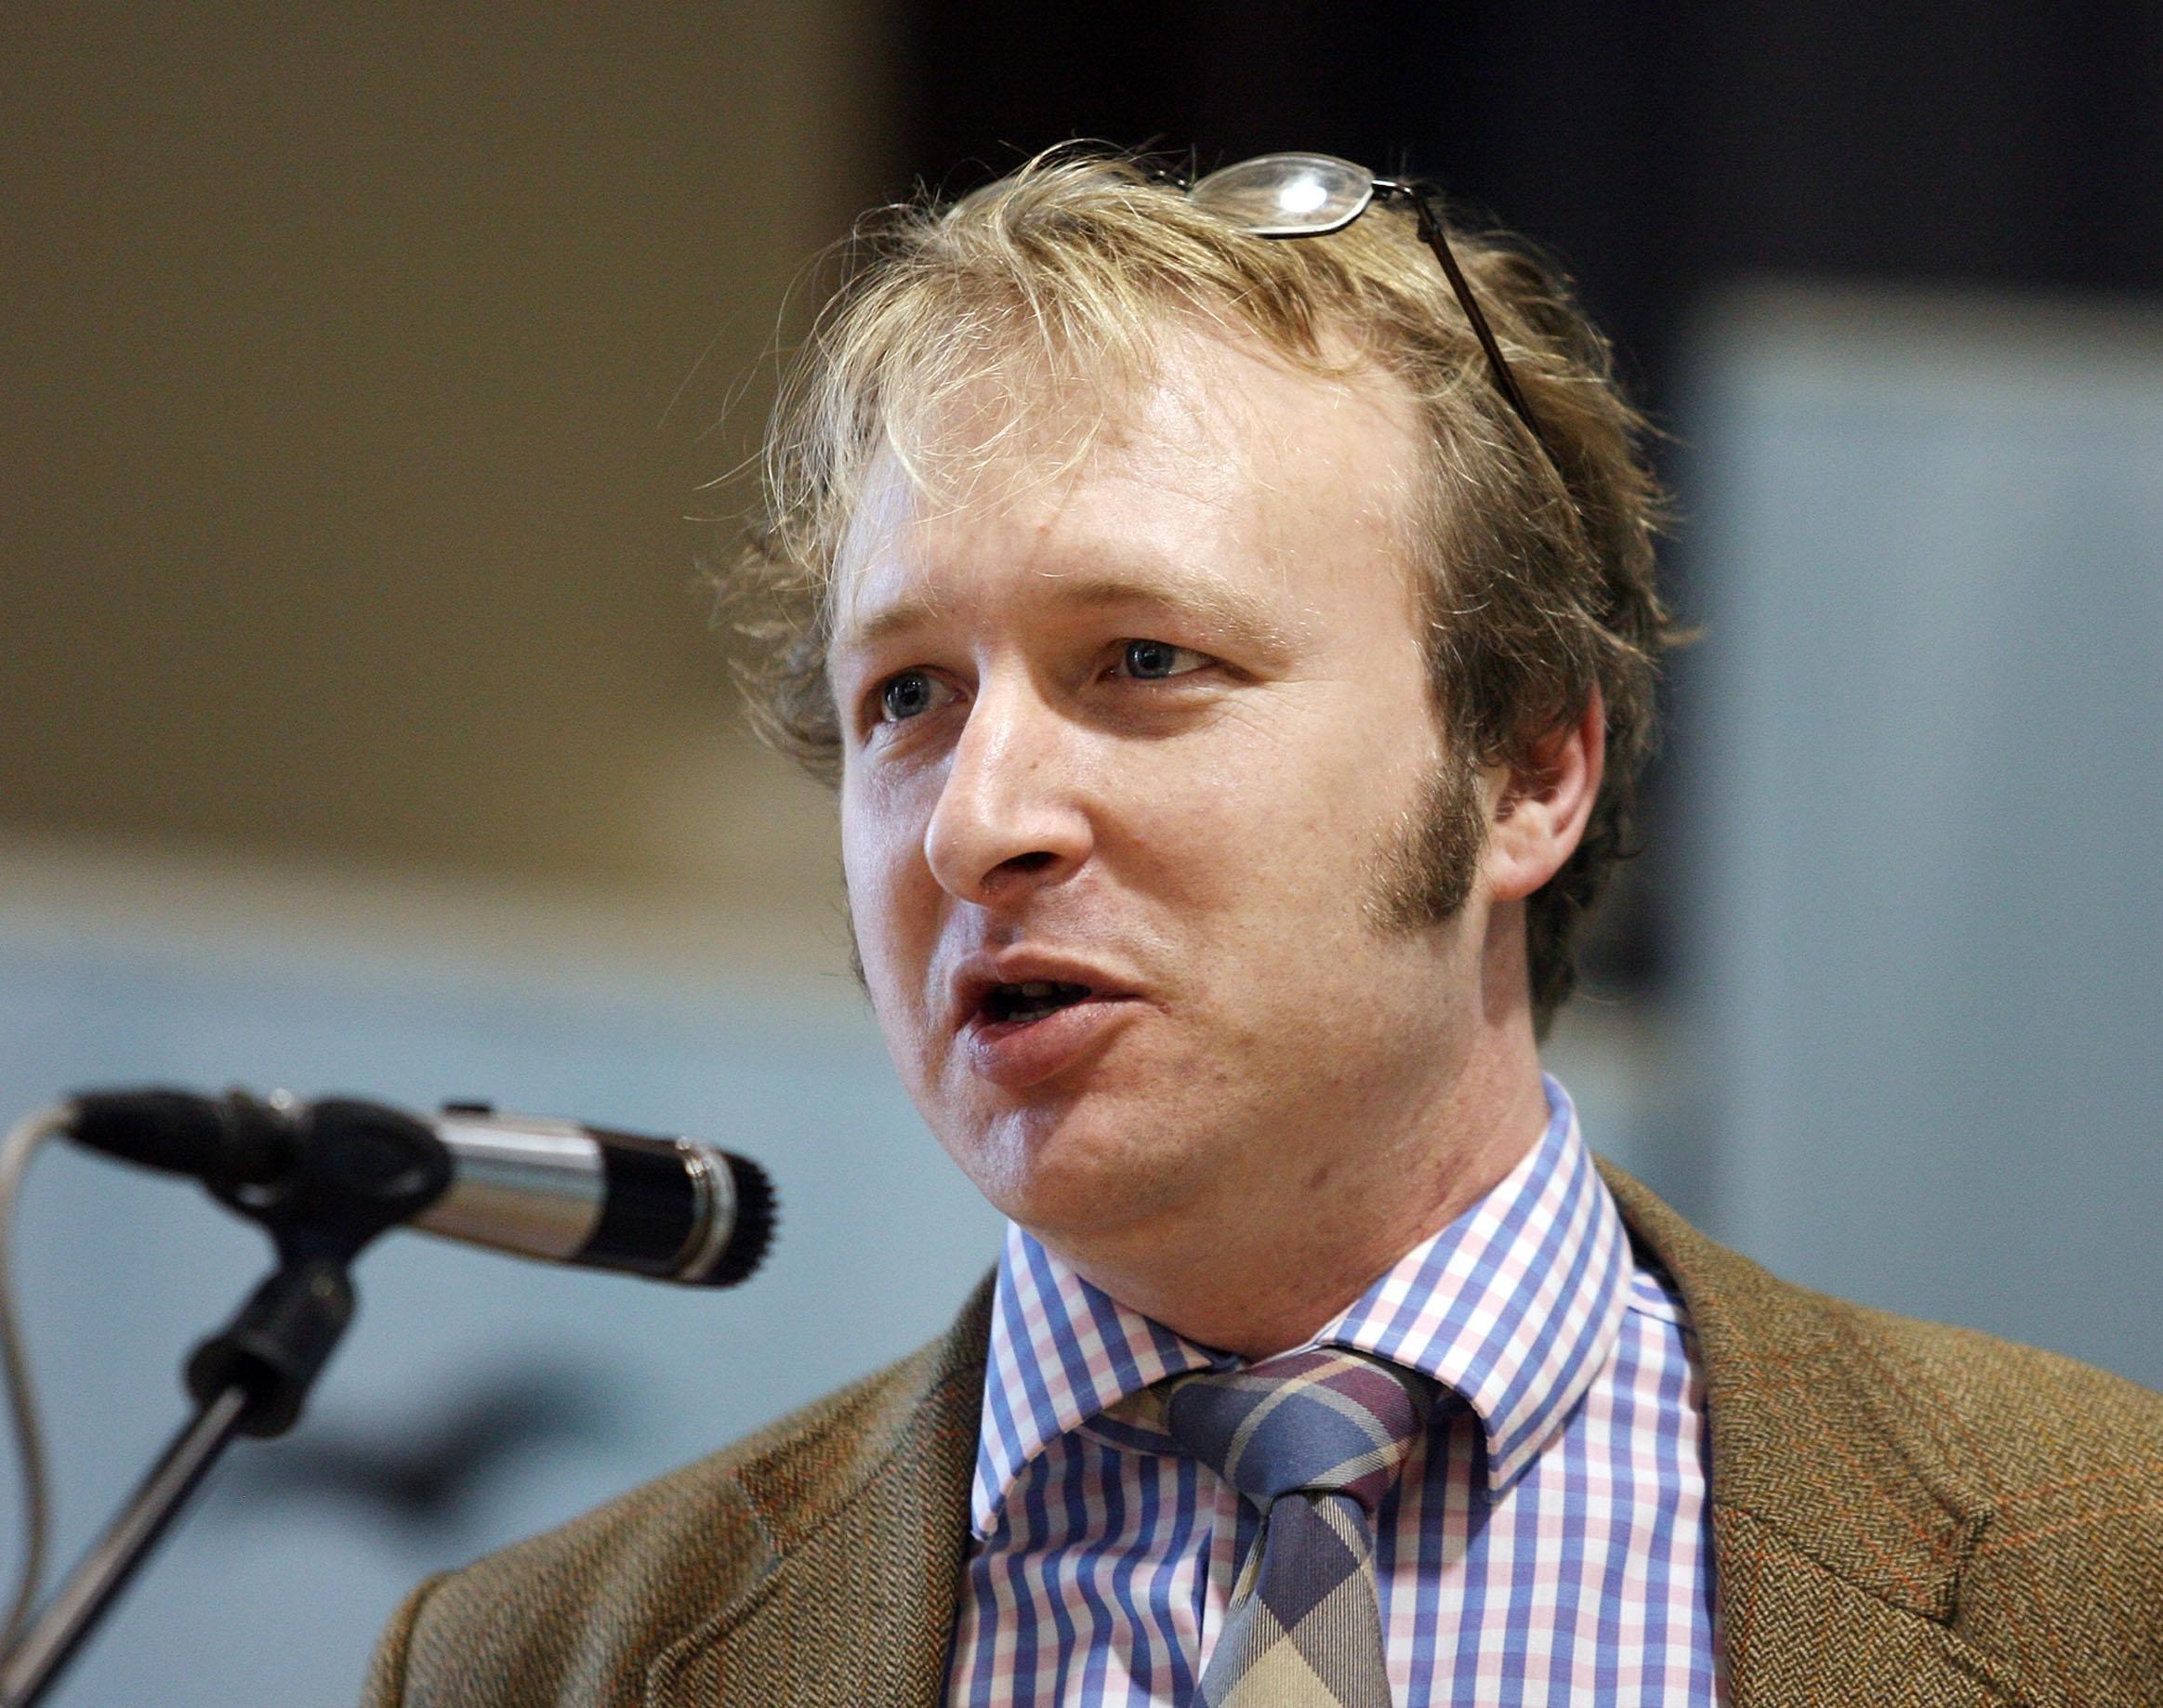 Nick Fenwick